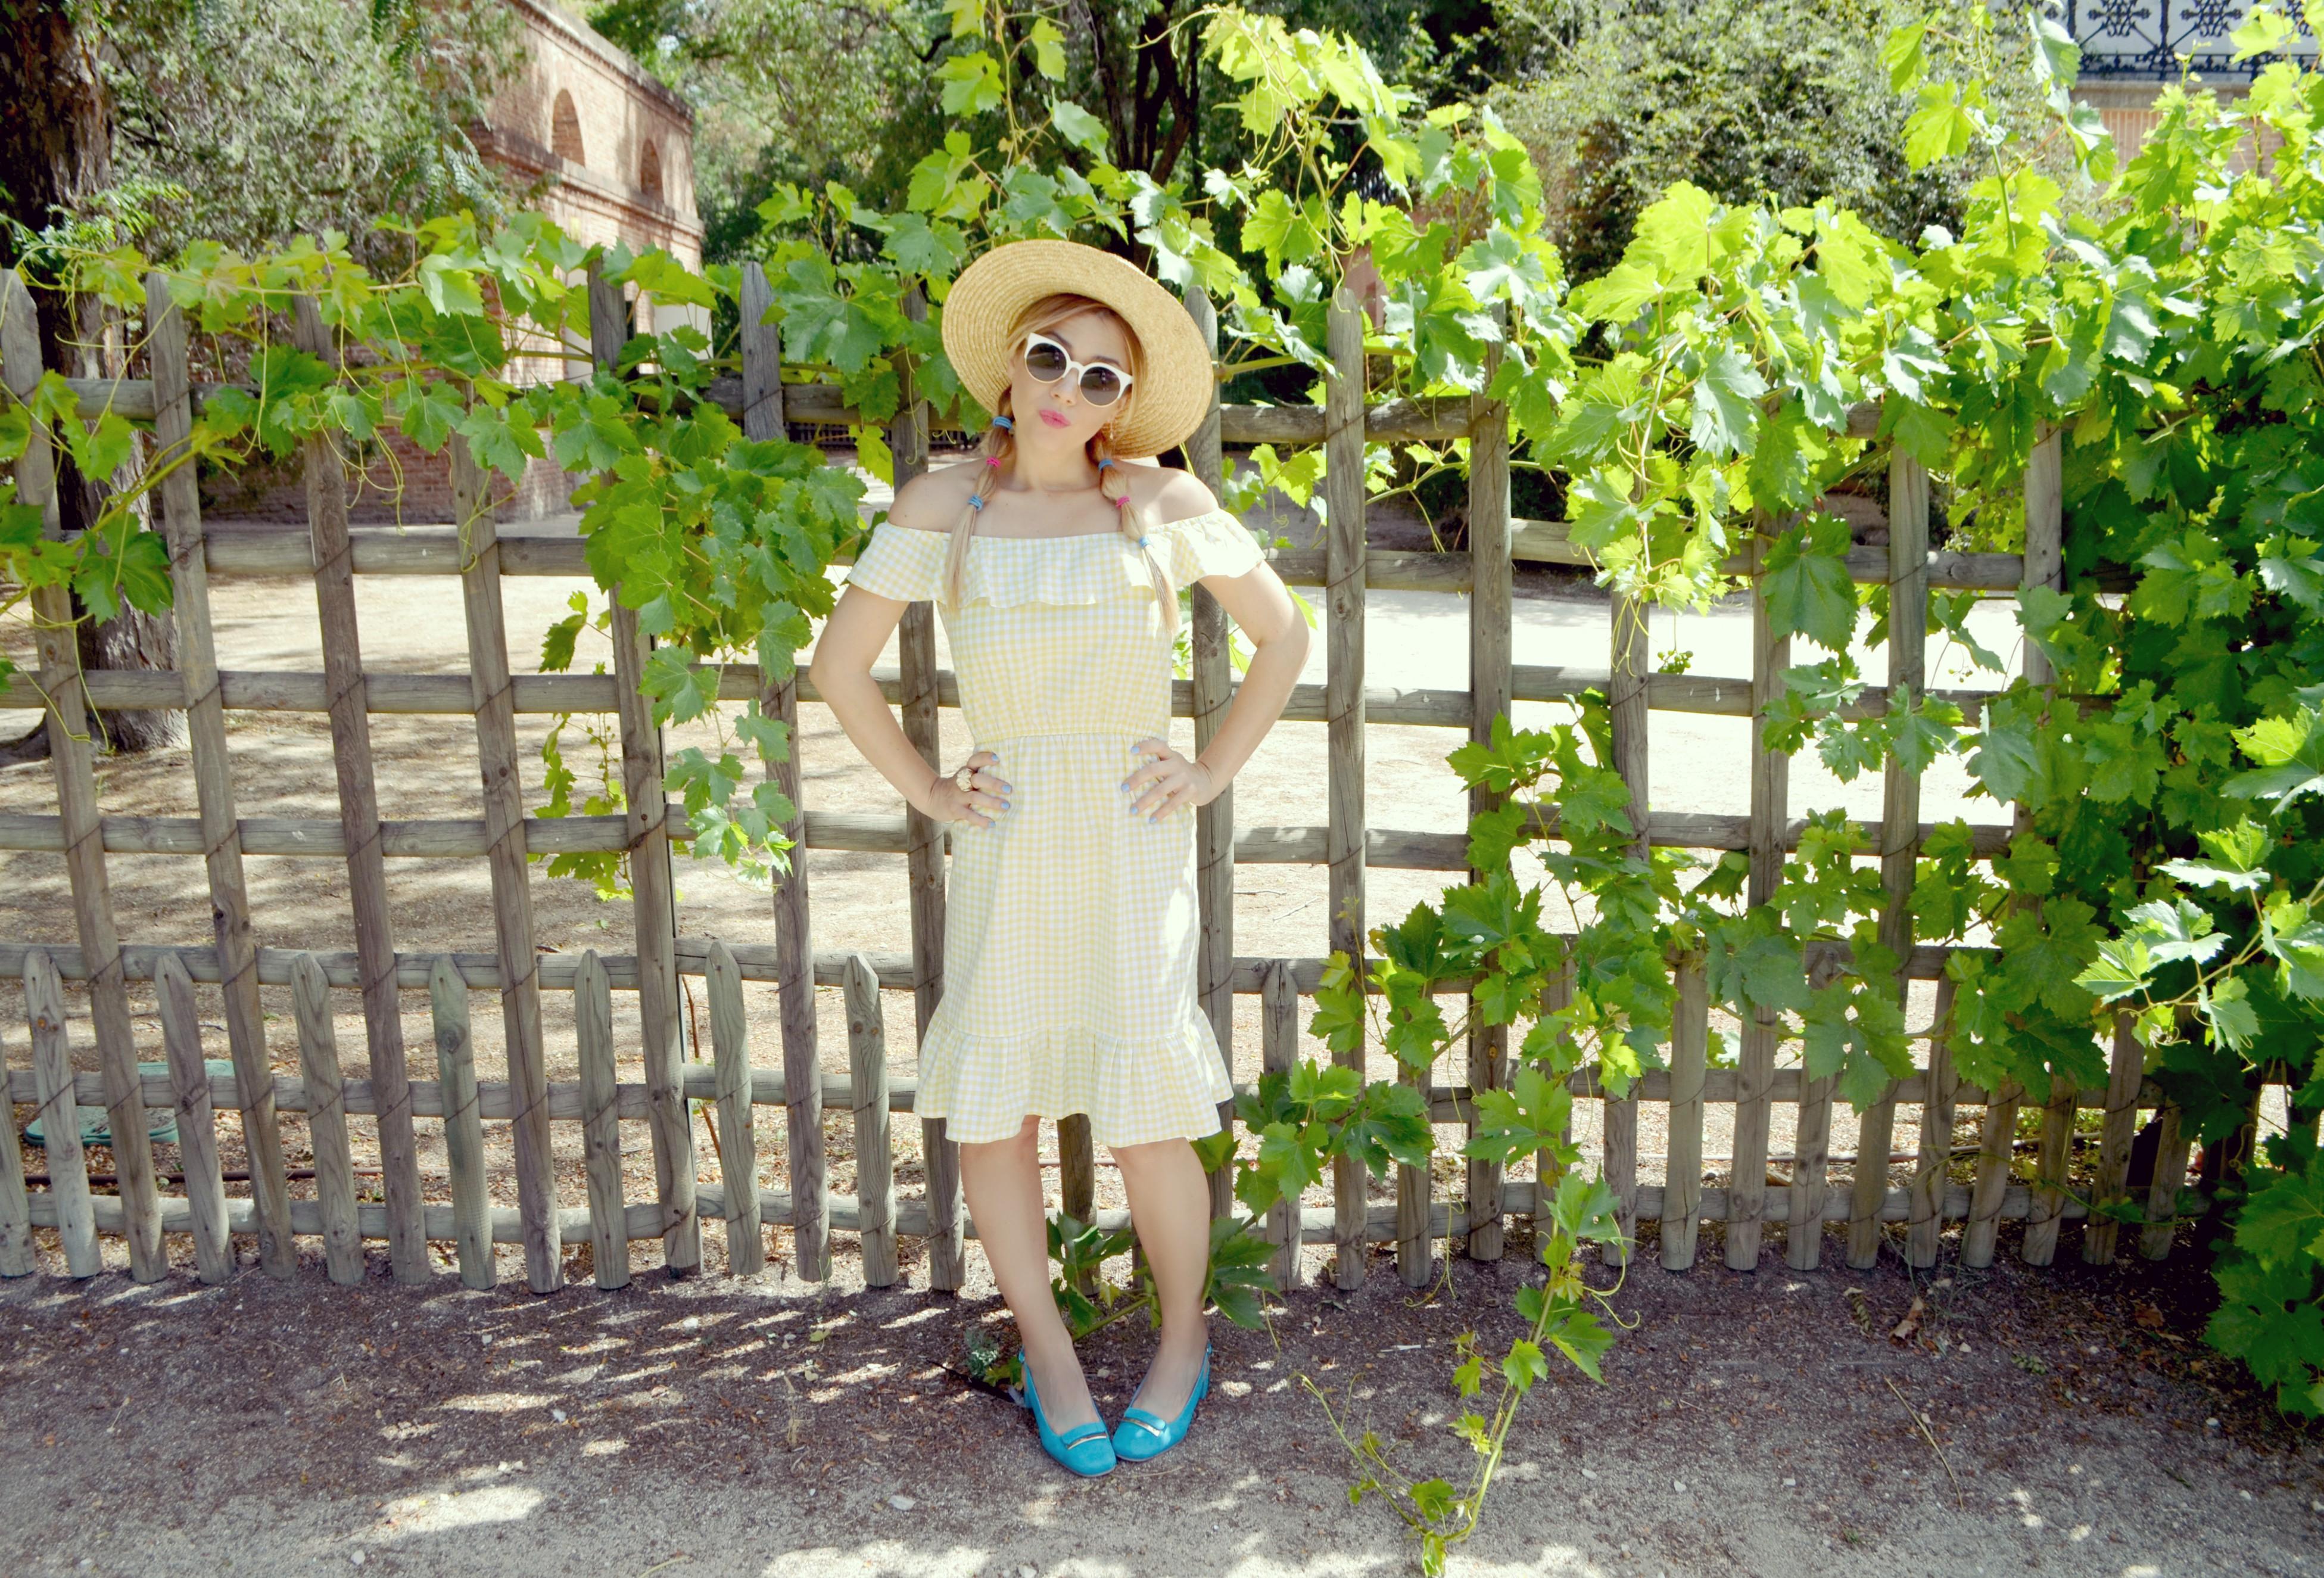 ChicAdicta-vichy-dress-Chic-Adicta-blog-de-moda-influencer-canotier-style-zapatos-joni-estampado-vichy-PiensaenChic-Piensa-en-Chic